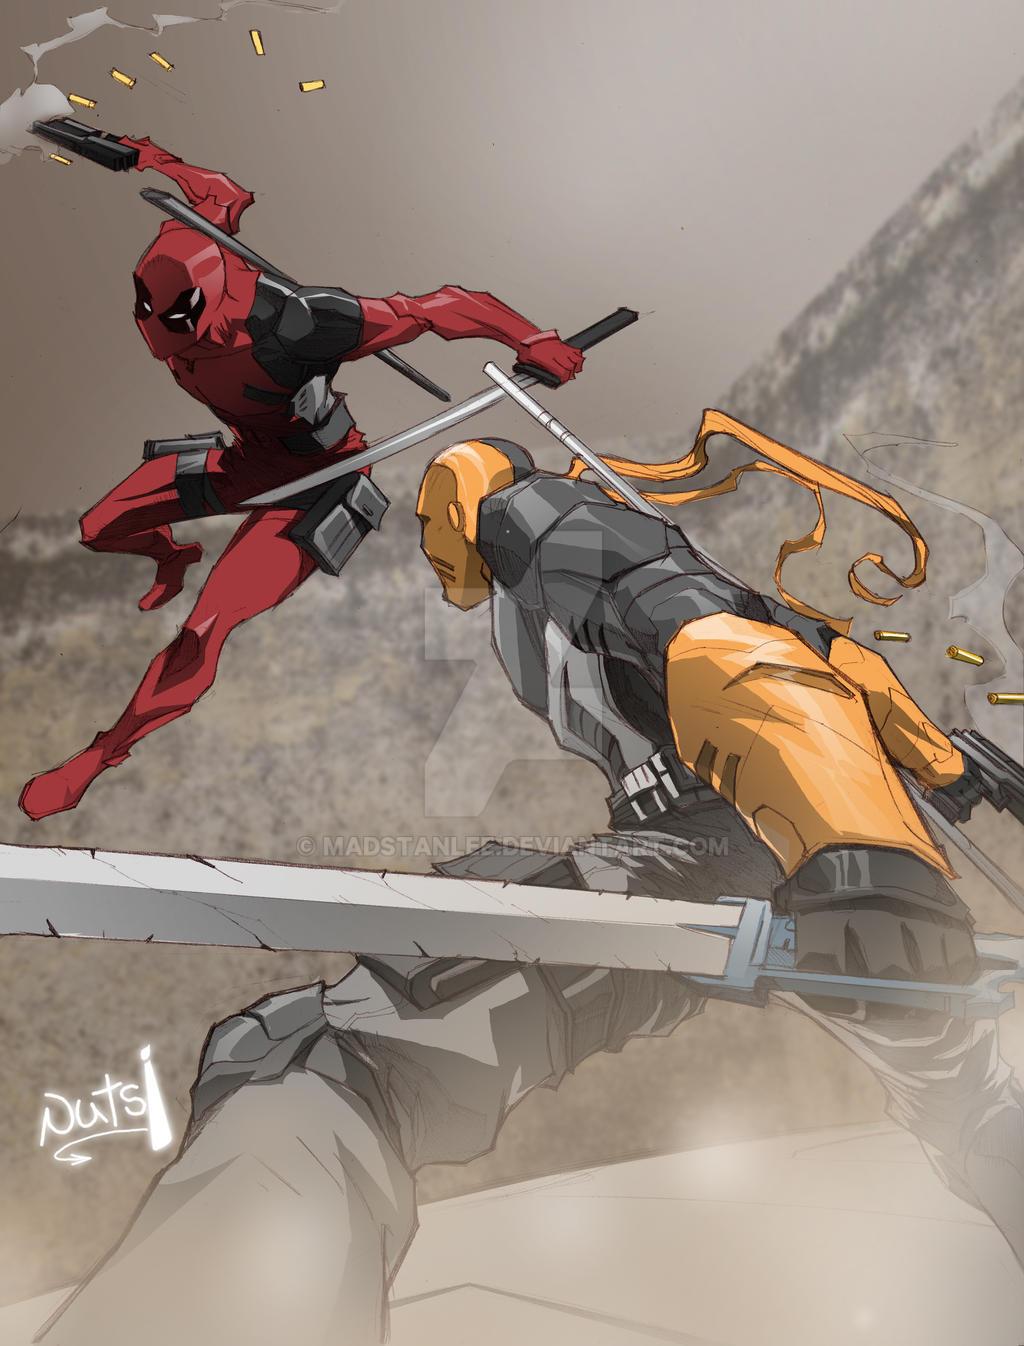 Deadpool Vs Deathstroke Battle Of The Wilsons By Madstanlee